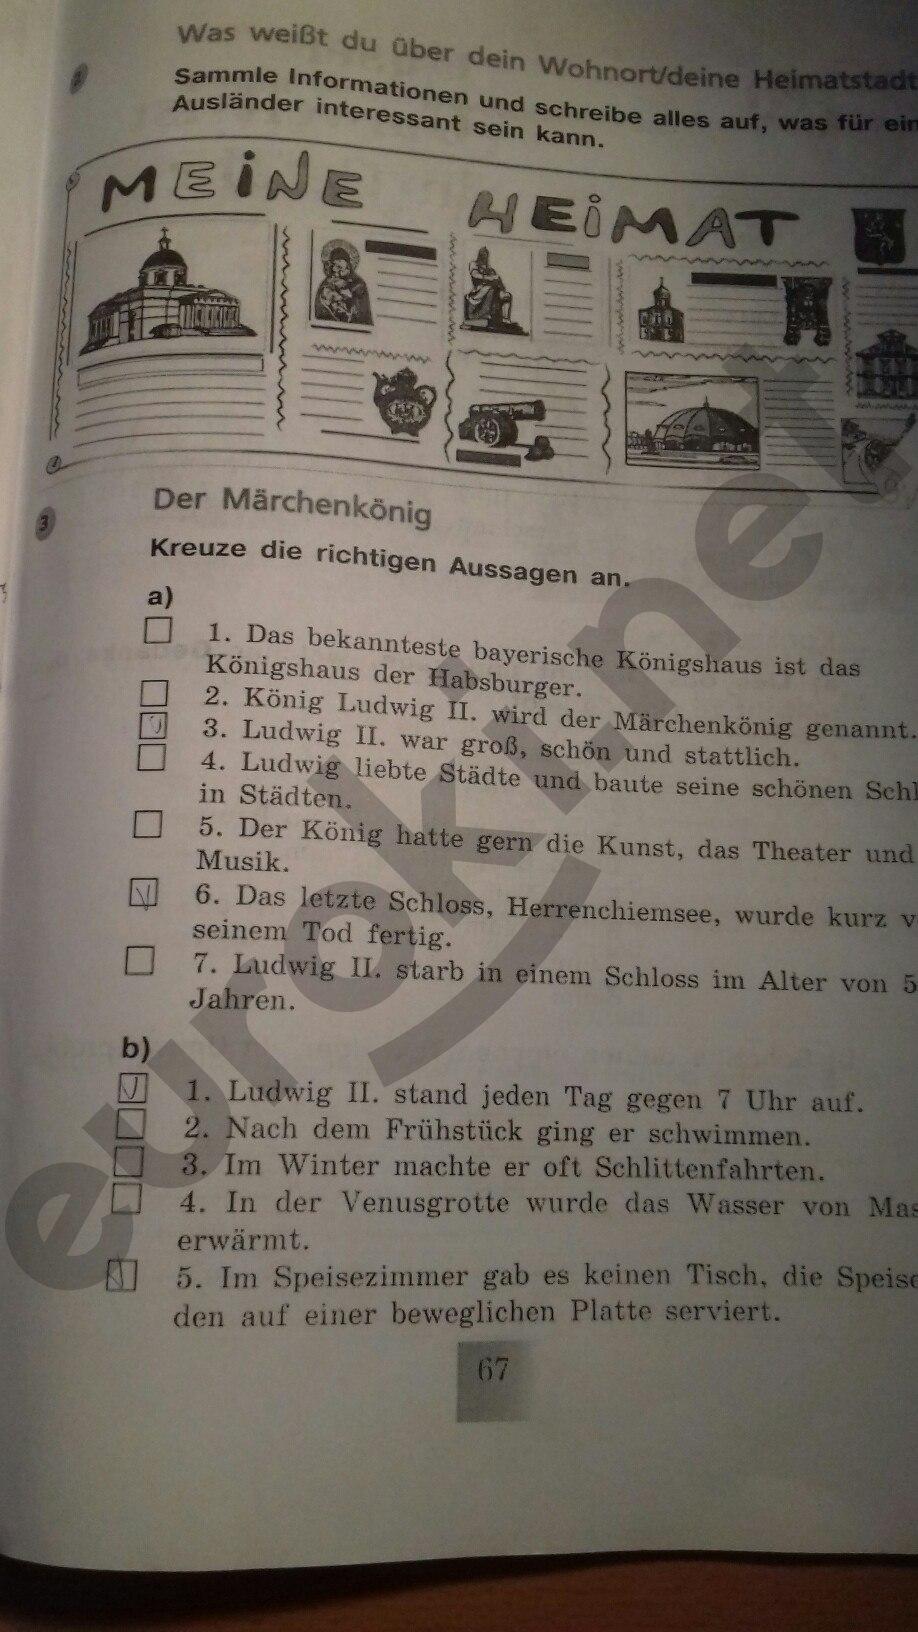 ГДЗ по немецкому языку 6 класс рабочая тетрадь Артемова. Задание: стр. 67